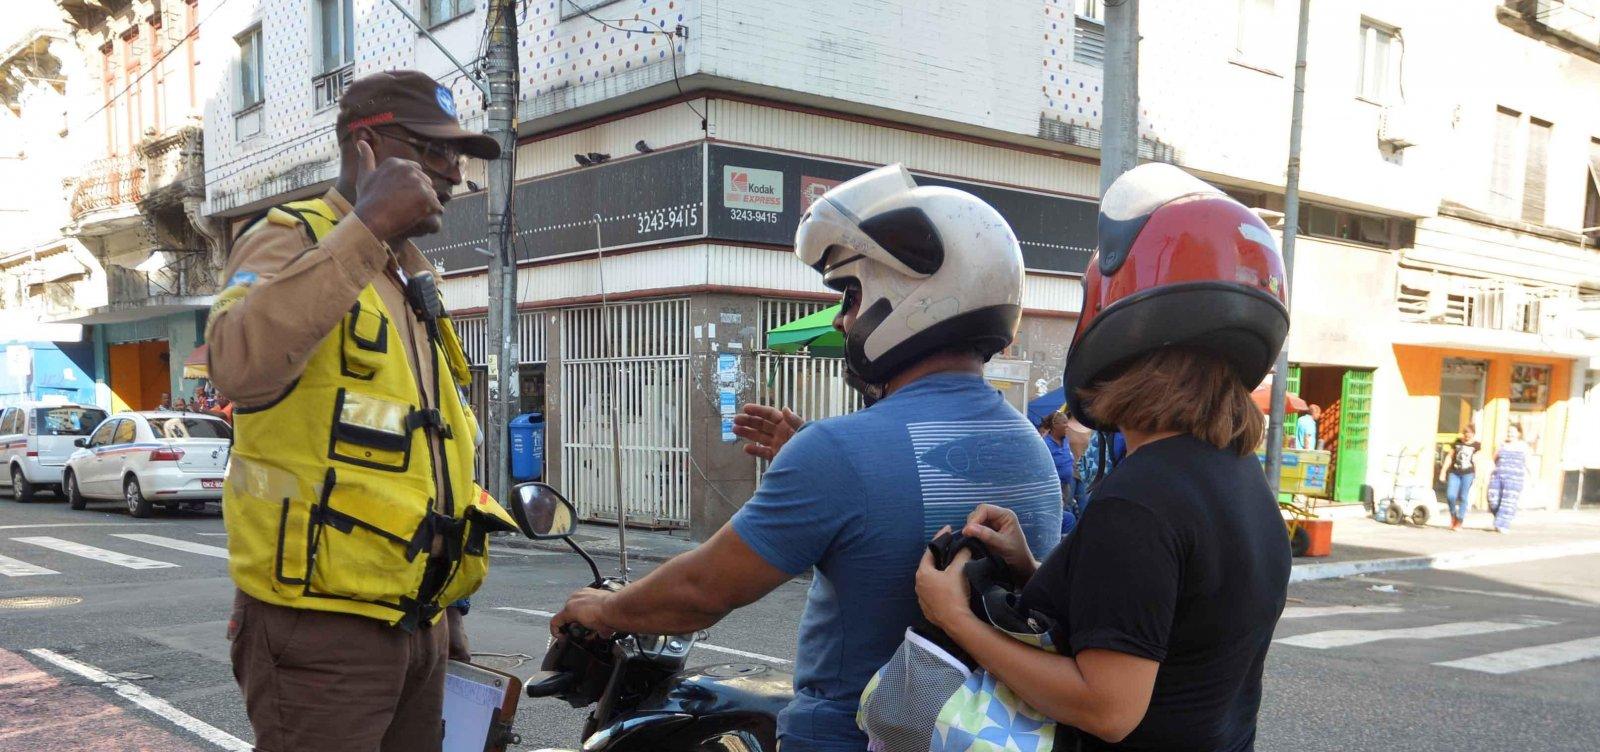 Salvador é exemplo na América Latina em redução de mortes no trânsito, diz Opas